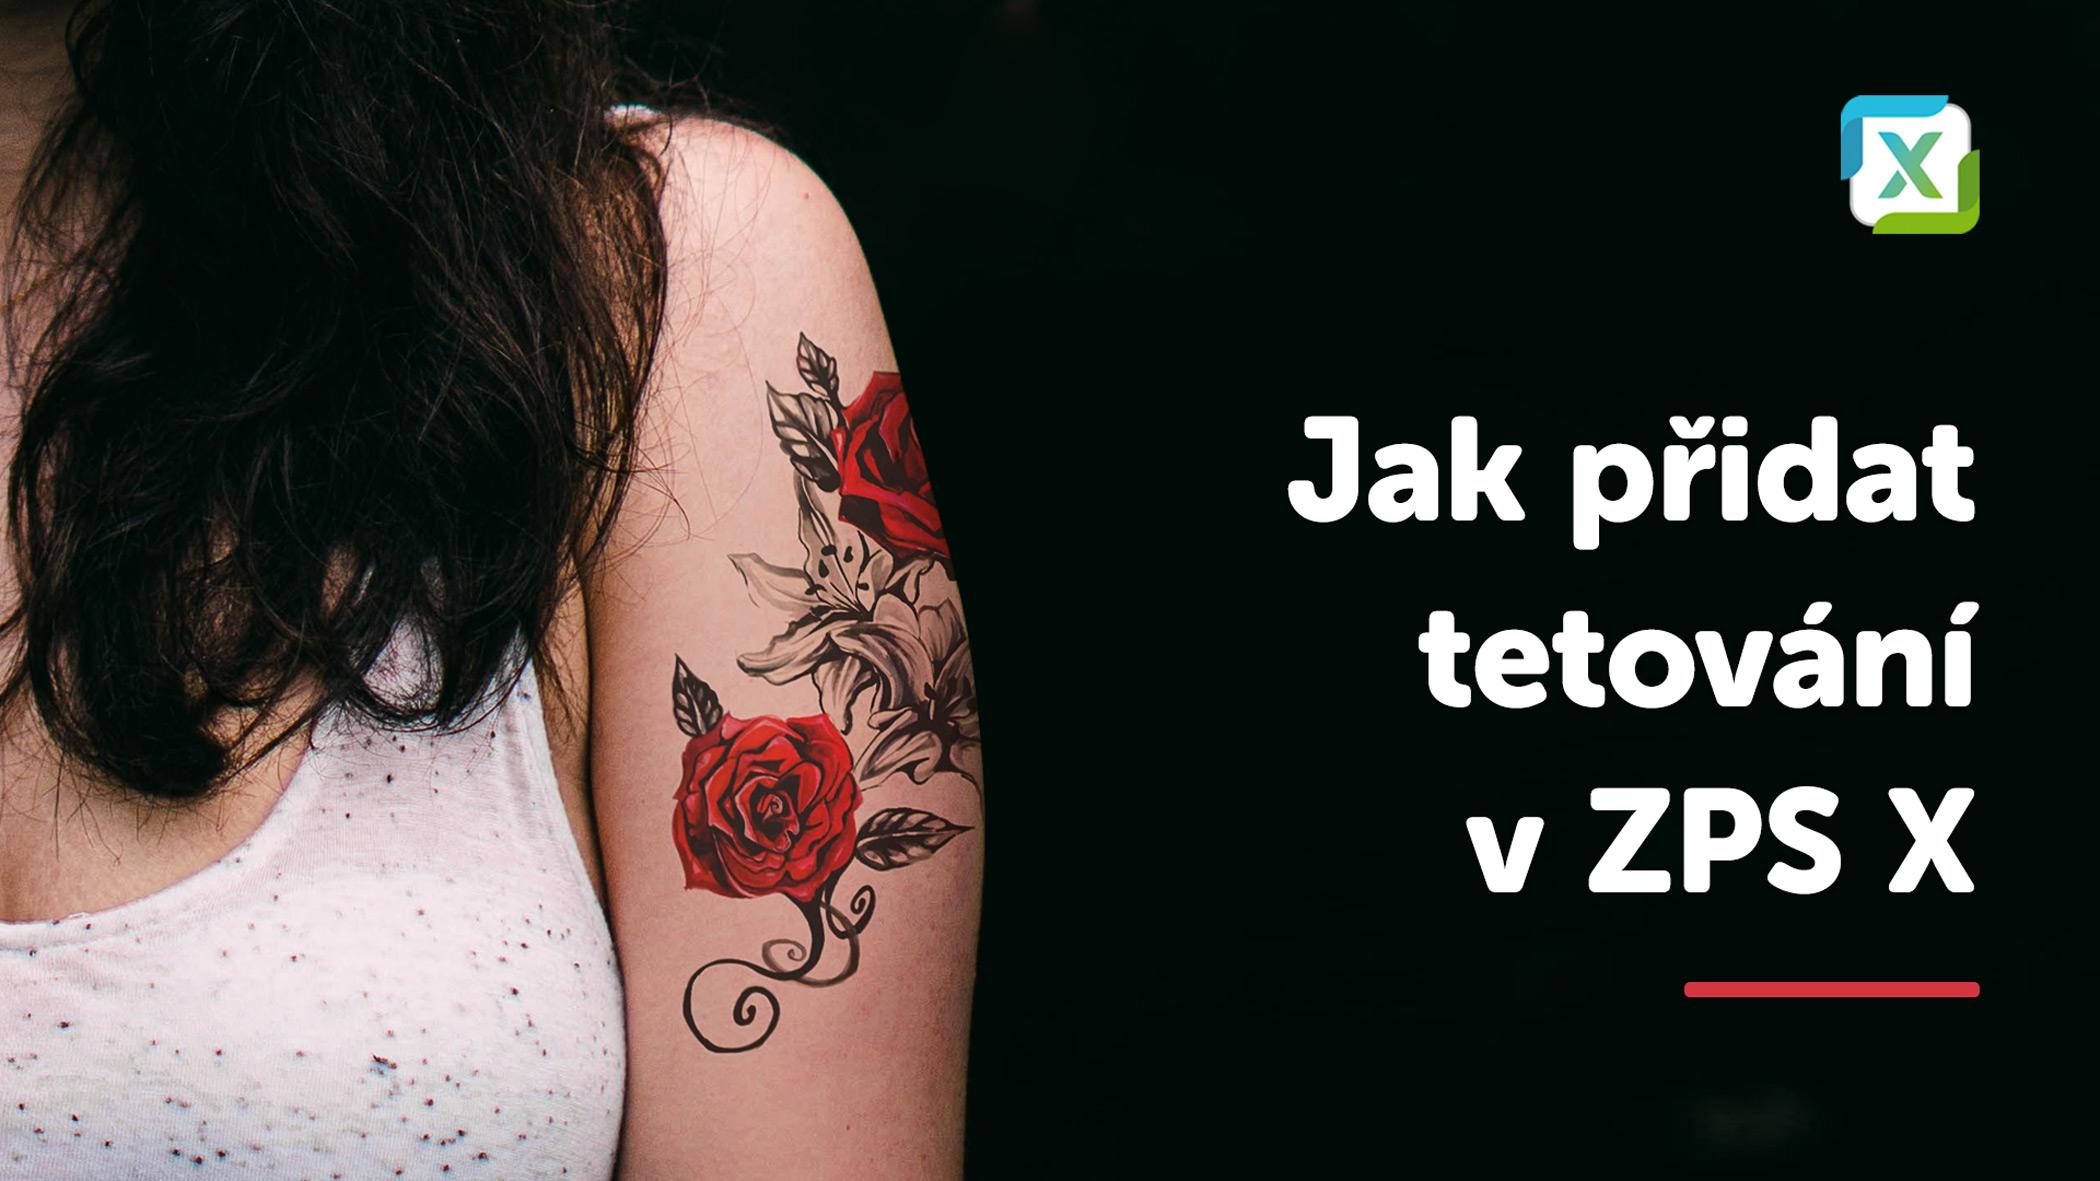 VIDEO: Trénujeme s vrstvami – jak do fotky přidat tetování